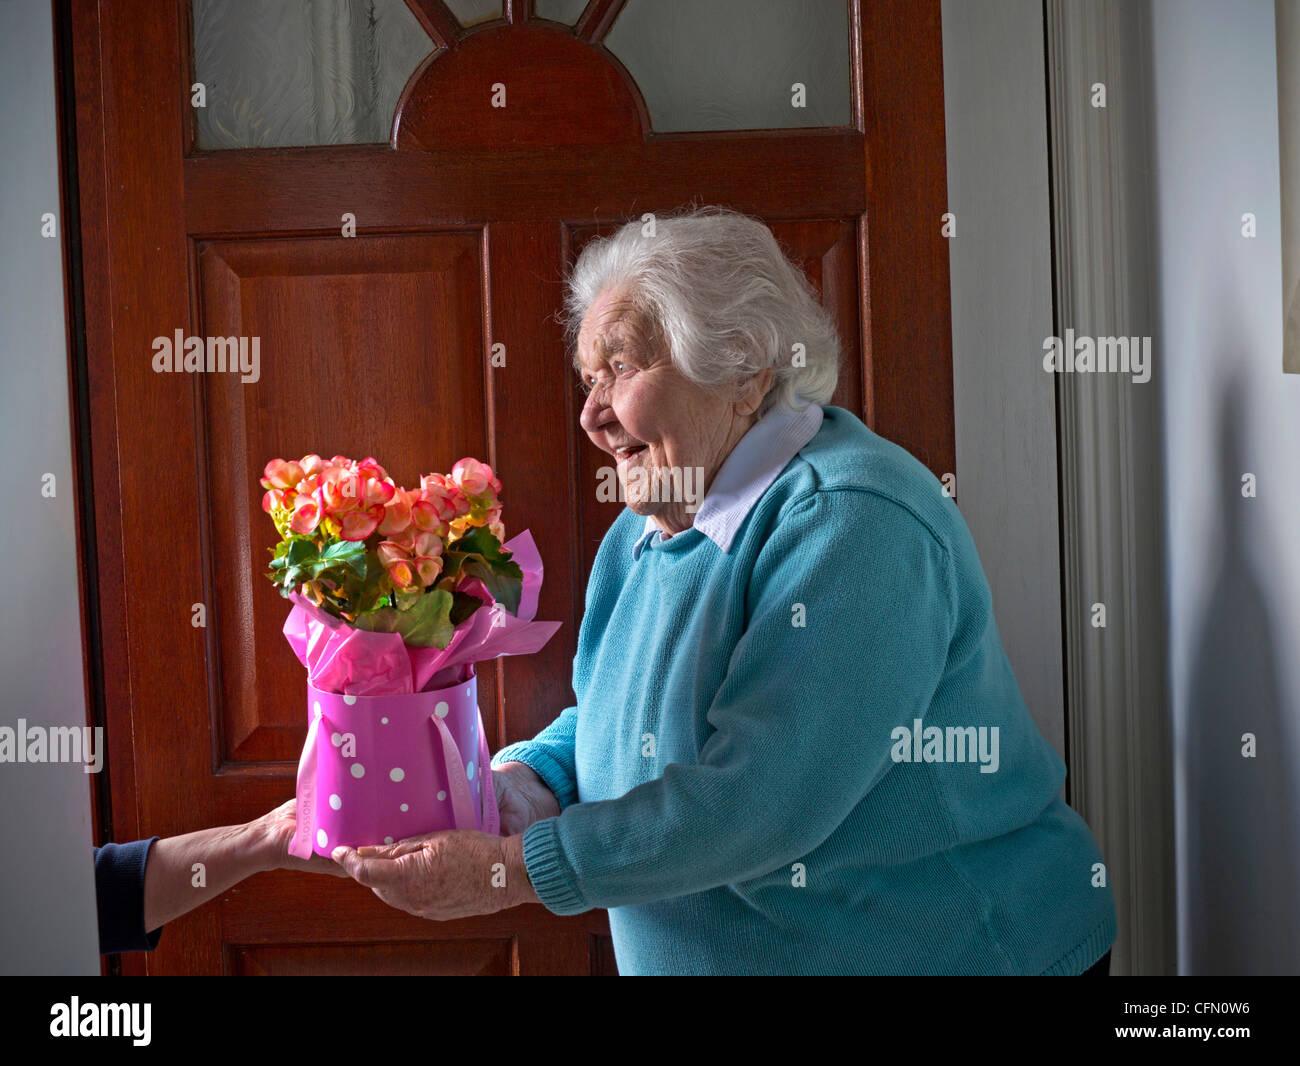 Flower Bouquet Delivery Door Happy Elderly Lady At Her Front Door